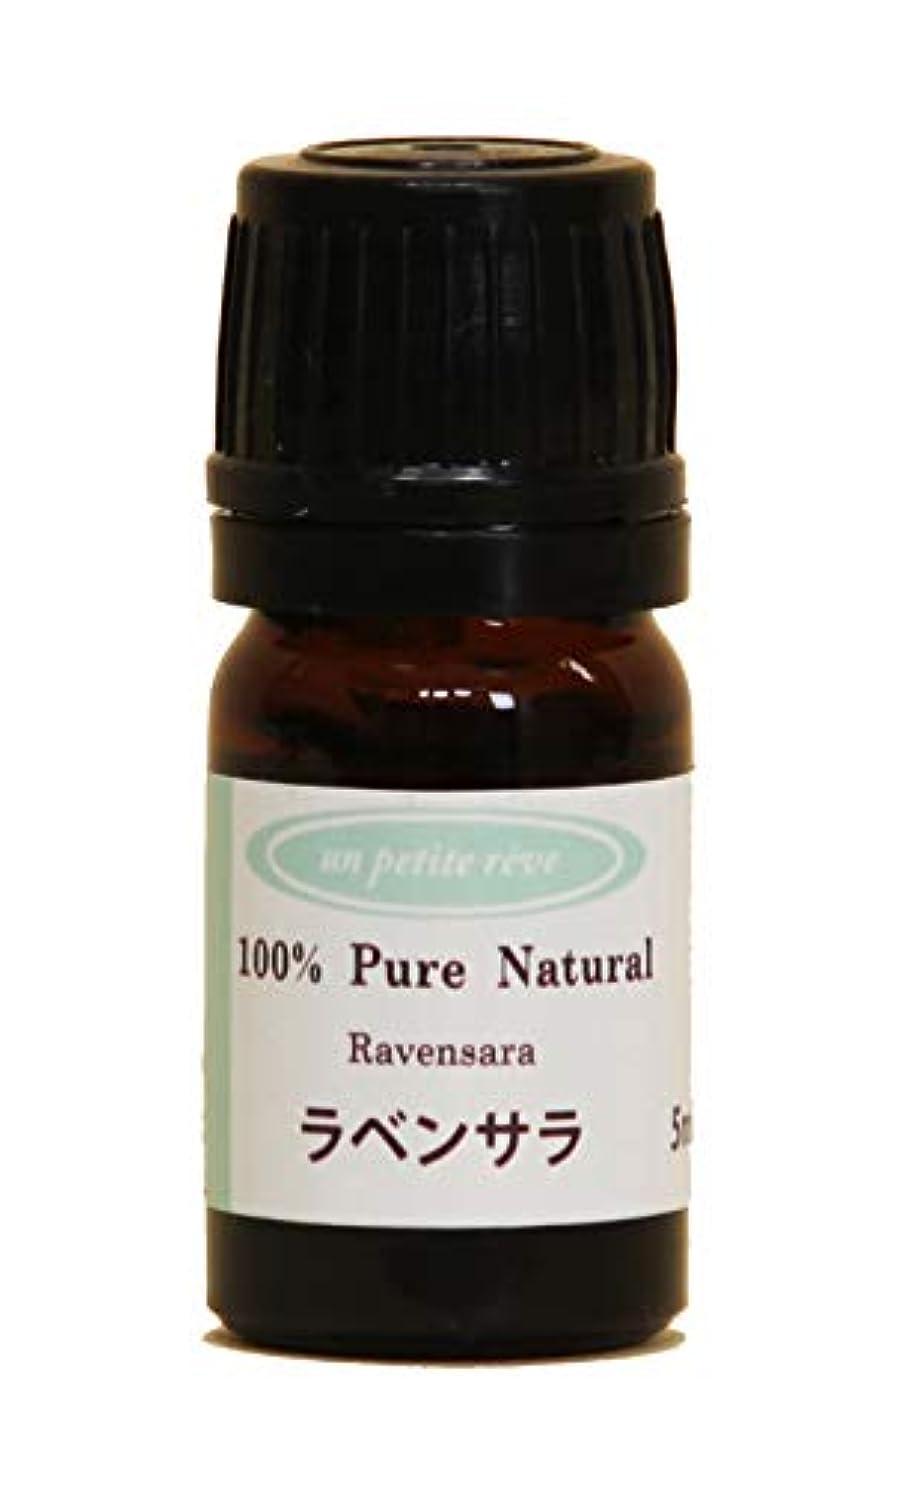 蒸気繊毛福祉ラベンサラ 5ml 100%天然アロマエッセンシャルオイル(精油)